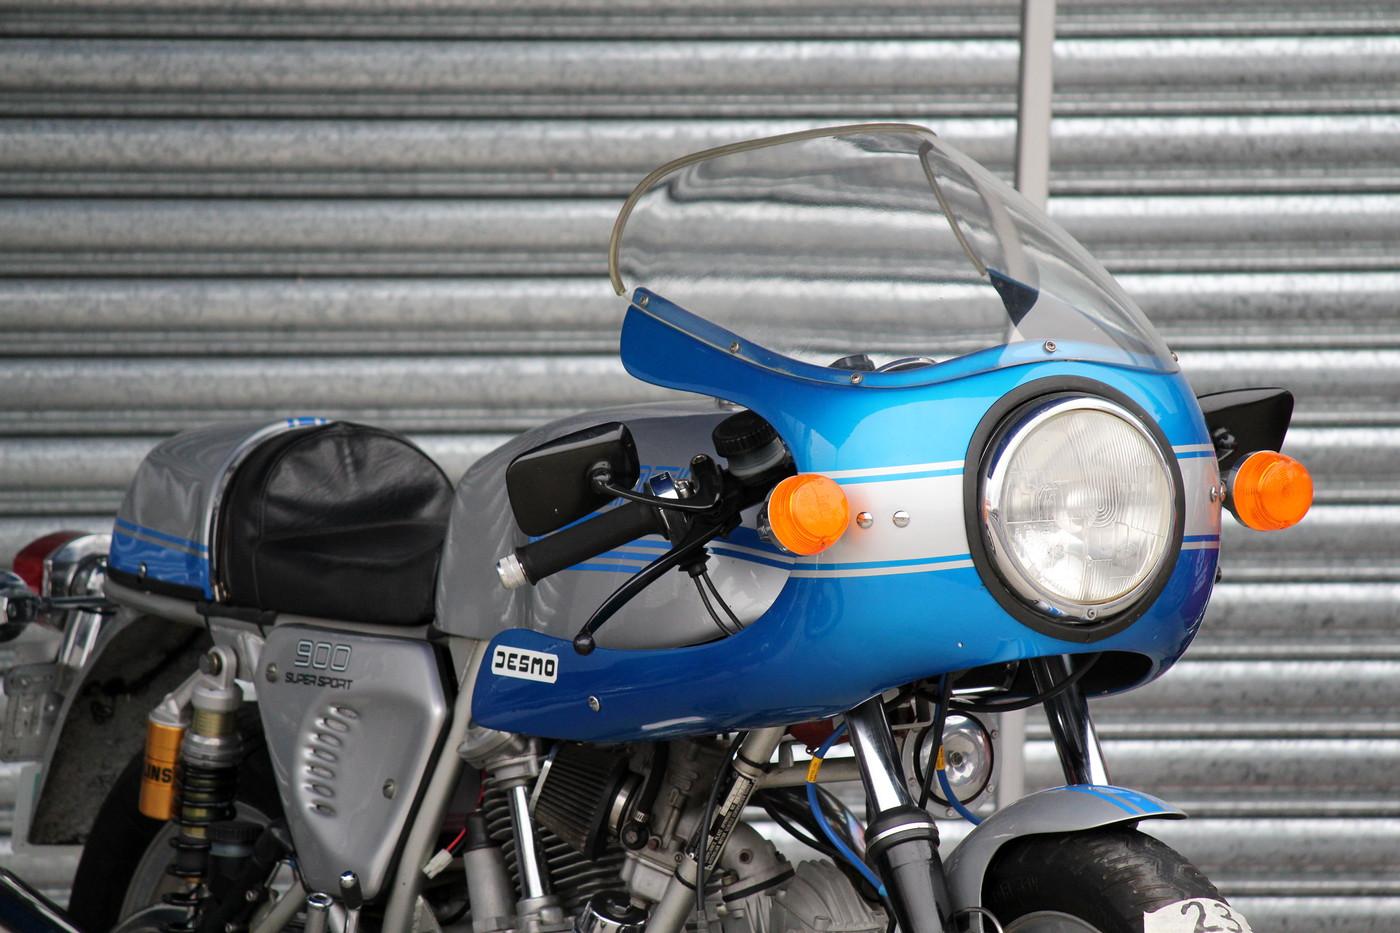 Ducati Show N Shine Day 037 Ducati 900 desmo super sport